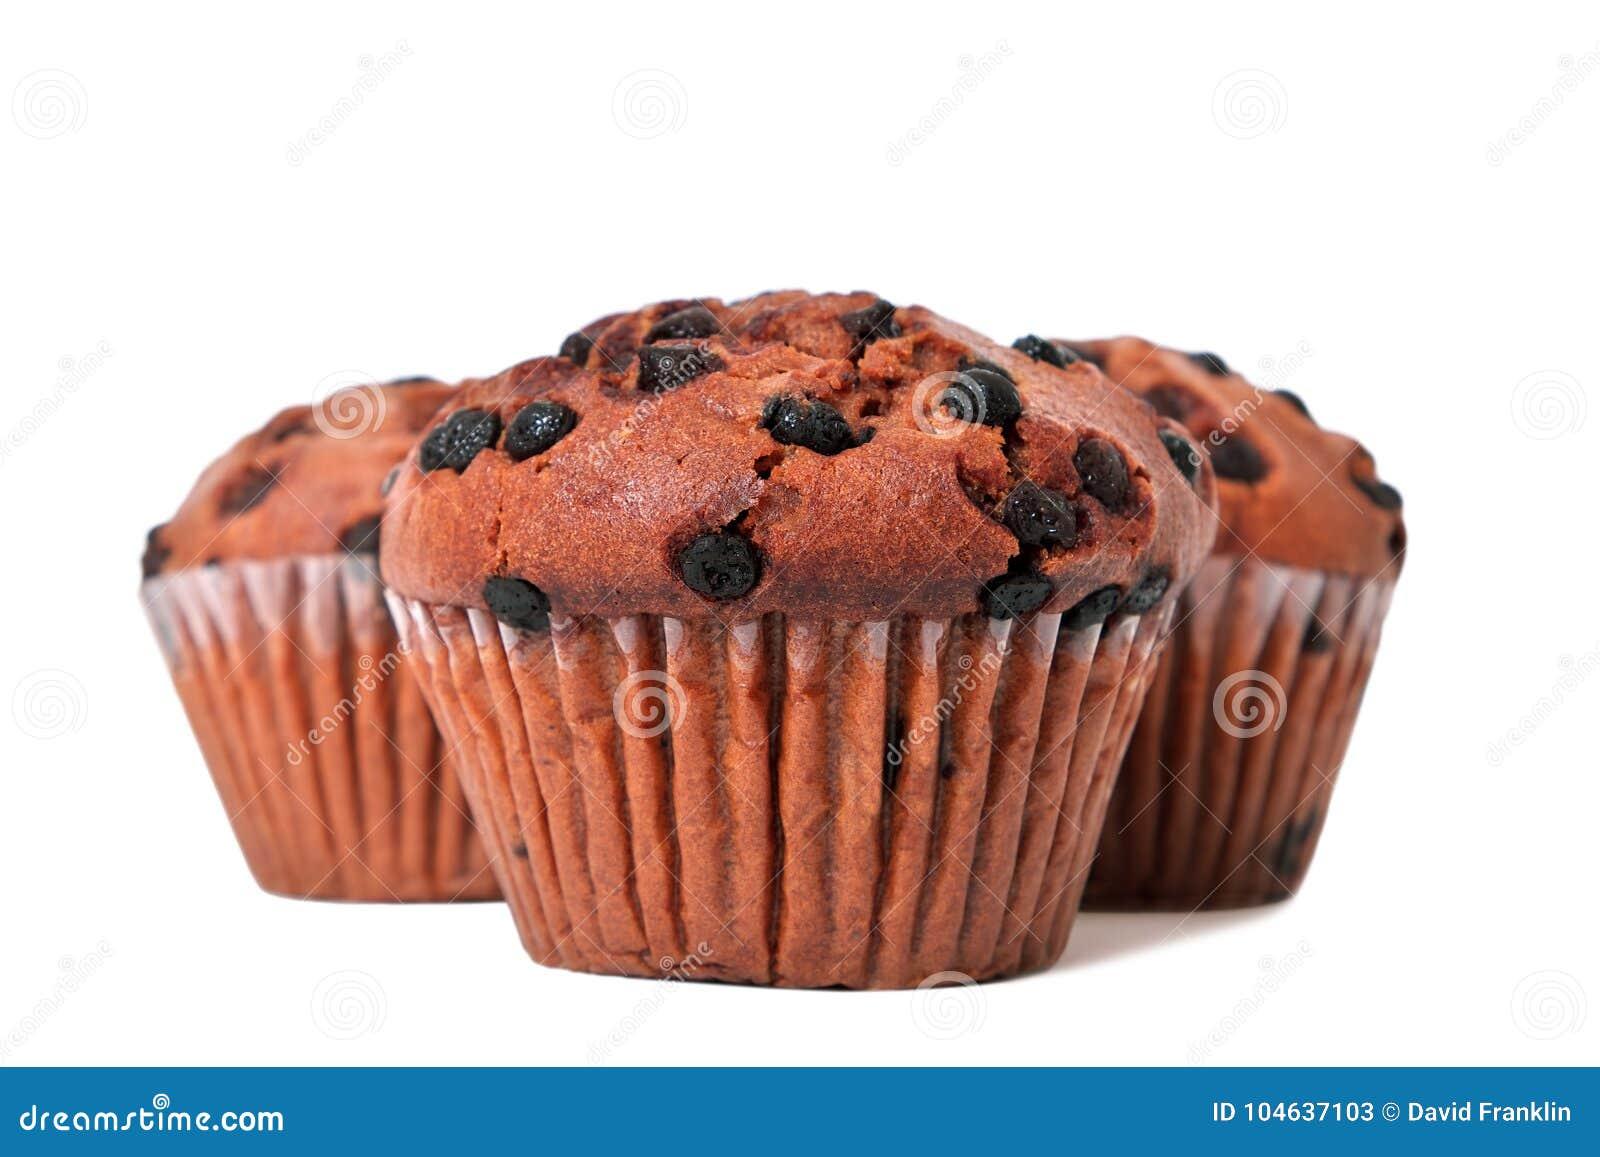 Download De Cakes Van De Chocoladeschilfermuffin Op Wit Worden Geïsoleerd Dat Stock Afbeelding - Afbeelding bestaande uit choc, geval: 104637103